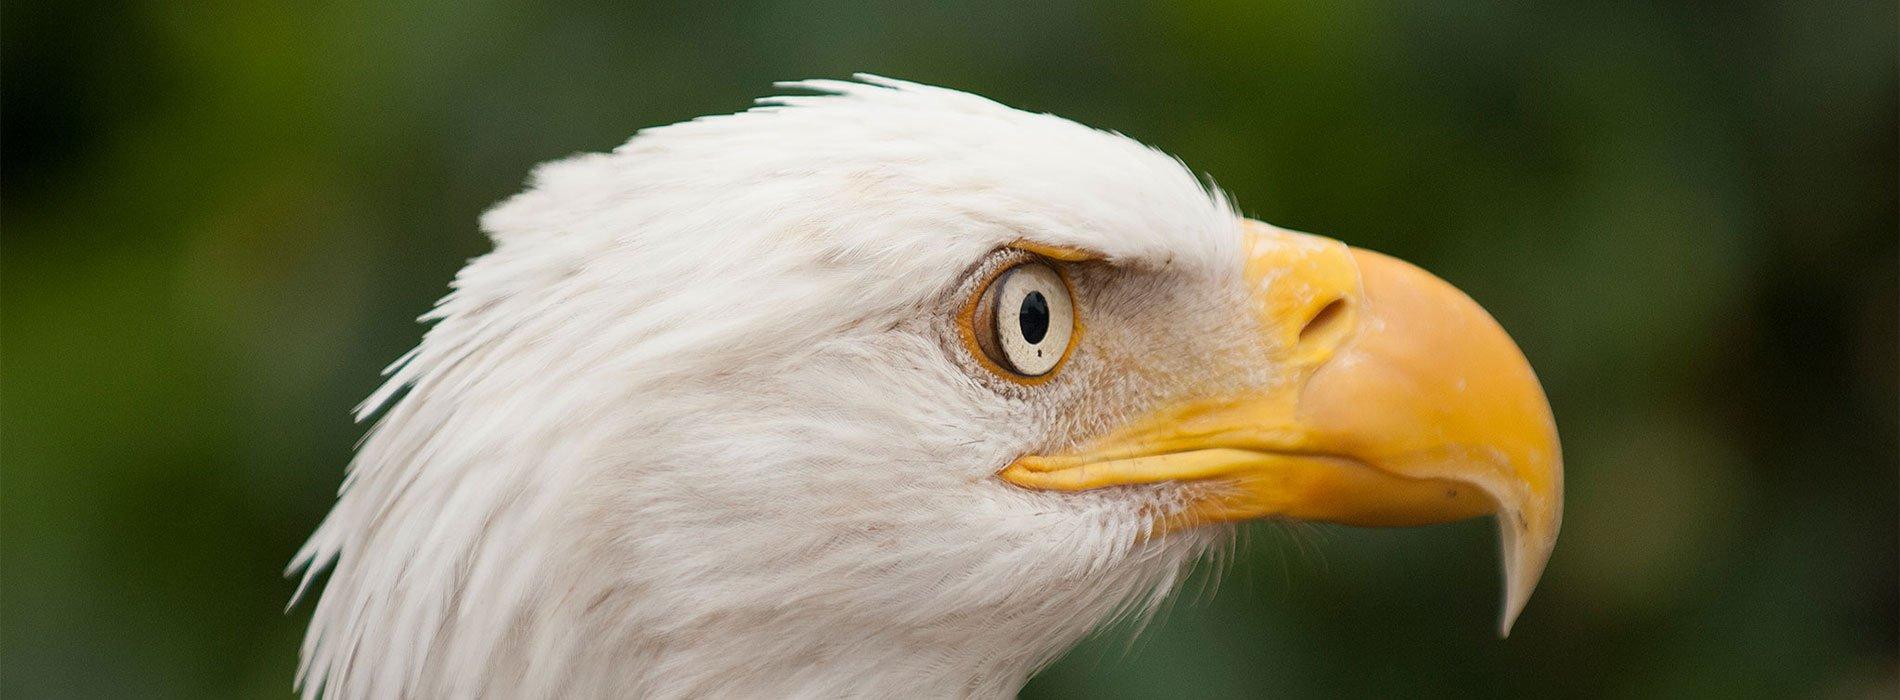 Bald Eagle head profile